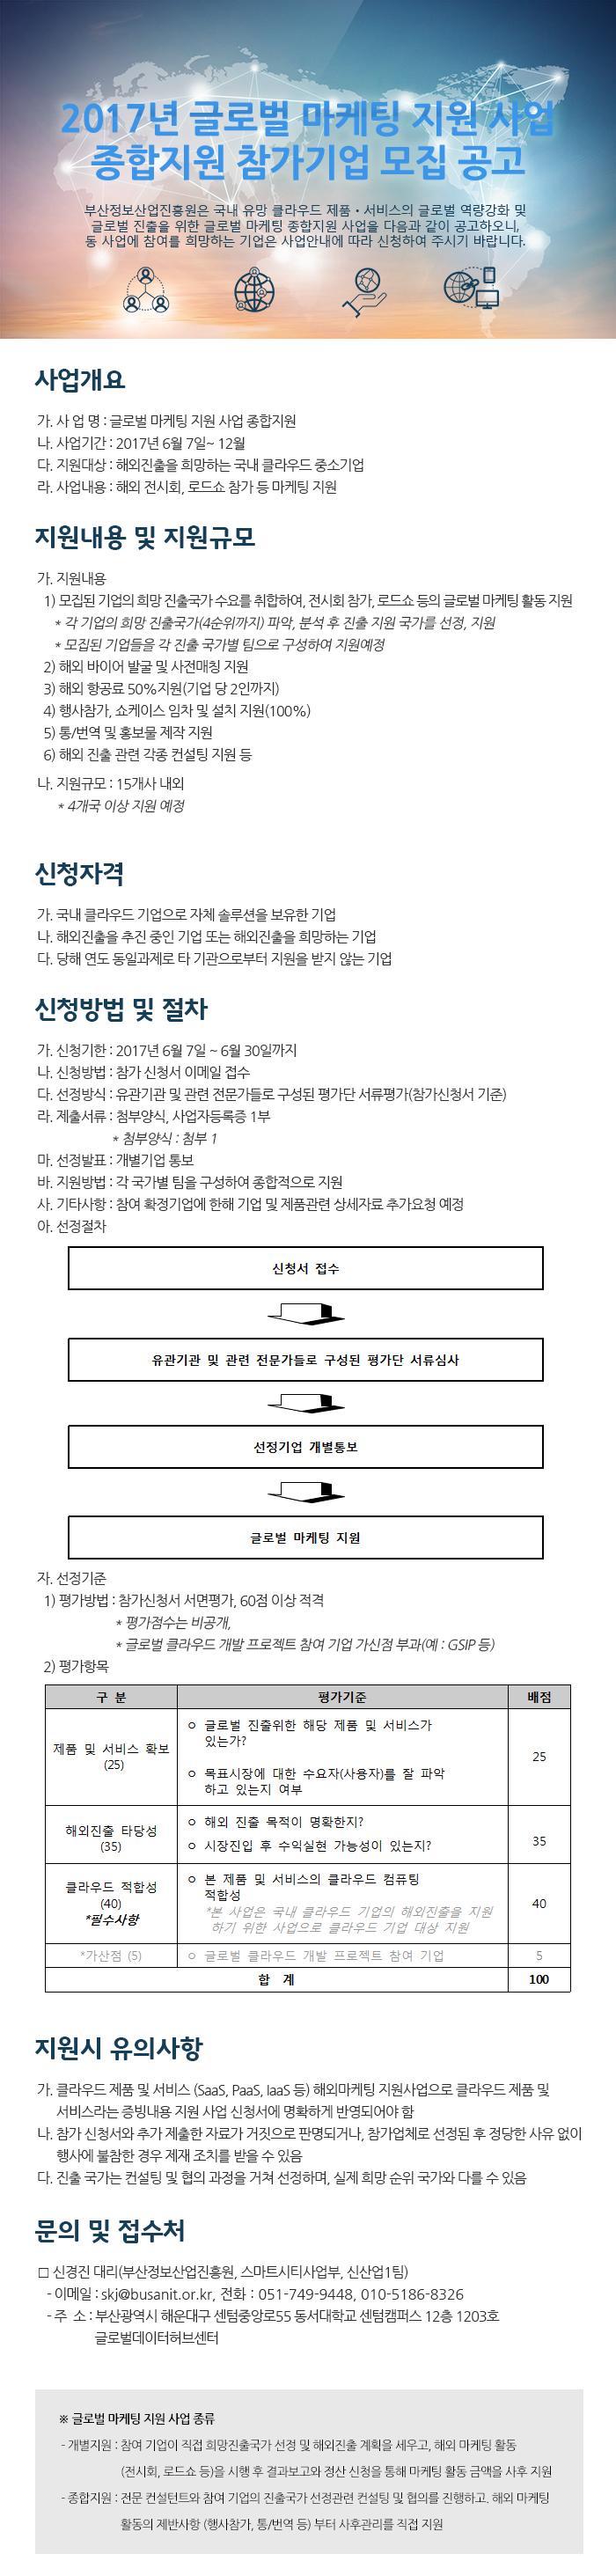 2017년 글로벌 마케팅 지원 사업 종합지원 참가기업 모집 공고(수정)